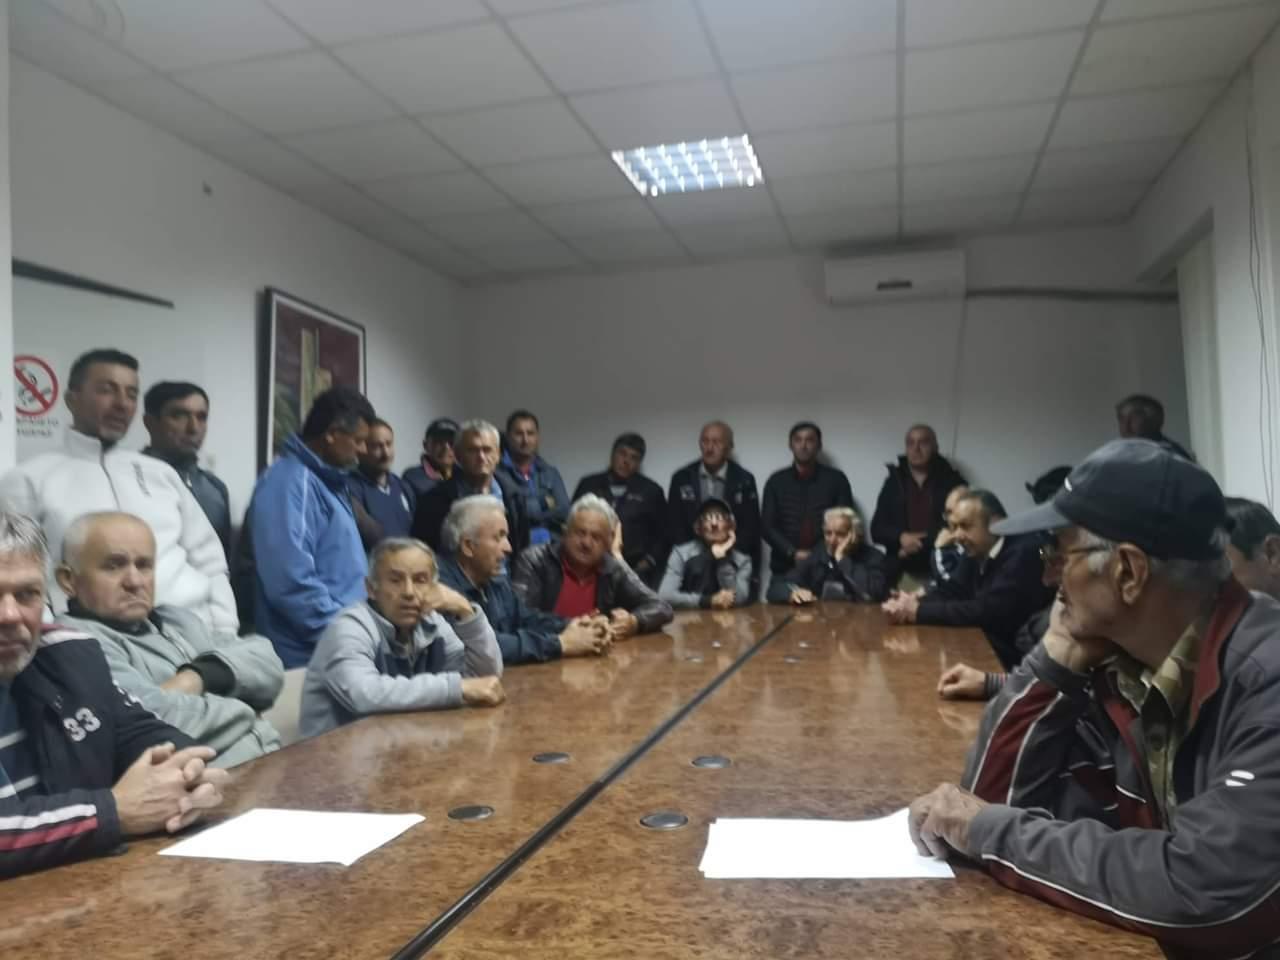 Градоначалникот Ногачески оствари средба со жителите на Белчишта